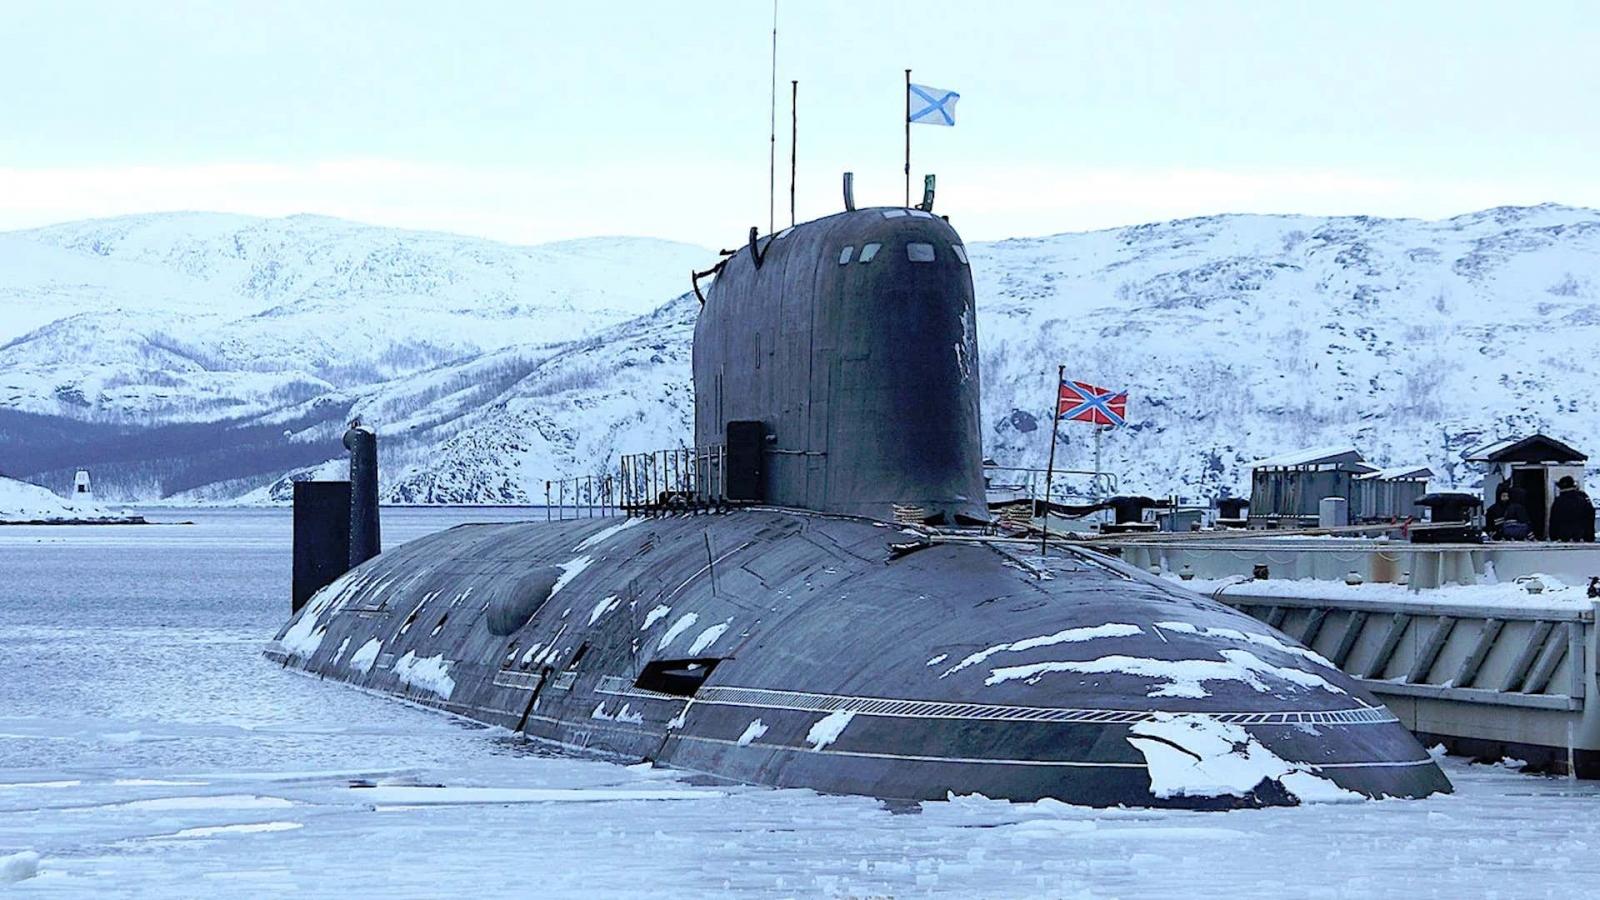 """Tướng Mỹ lo ngại mối đe dọa chưa từng thấy khi tàu ngầm Nga """"sánh ngang"""" với Mỹ"""